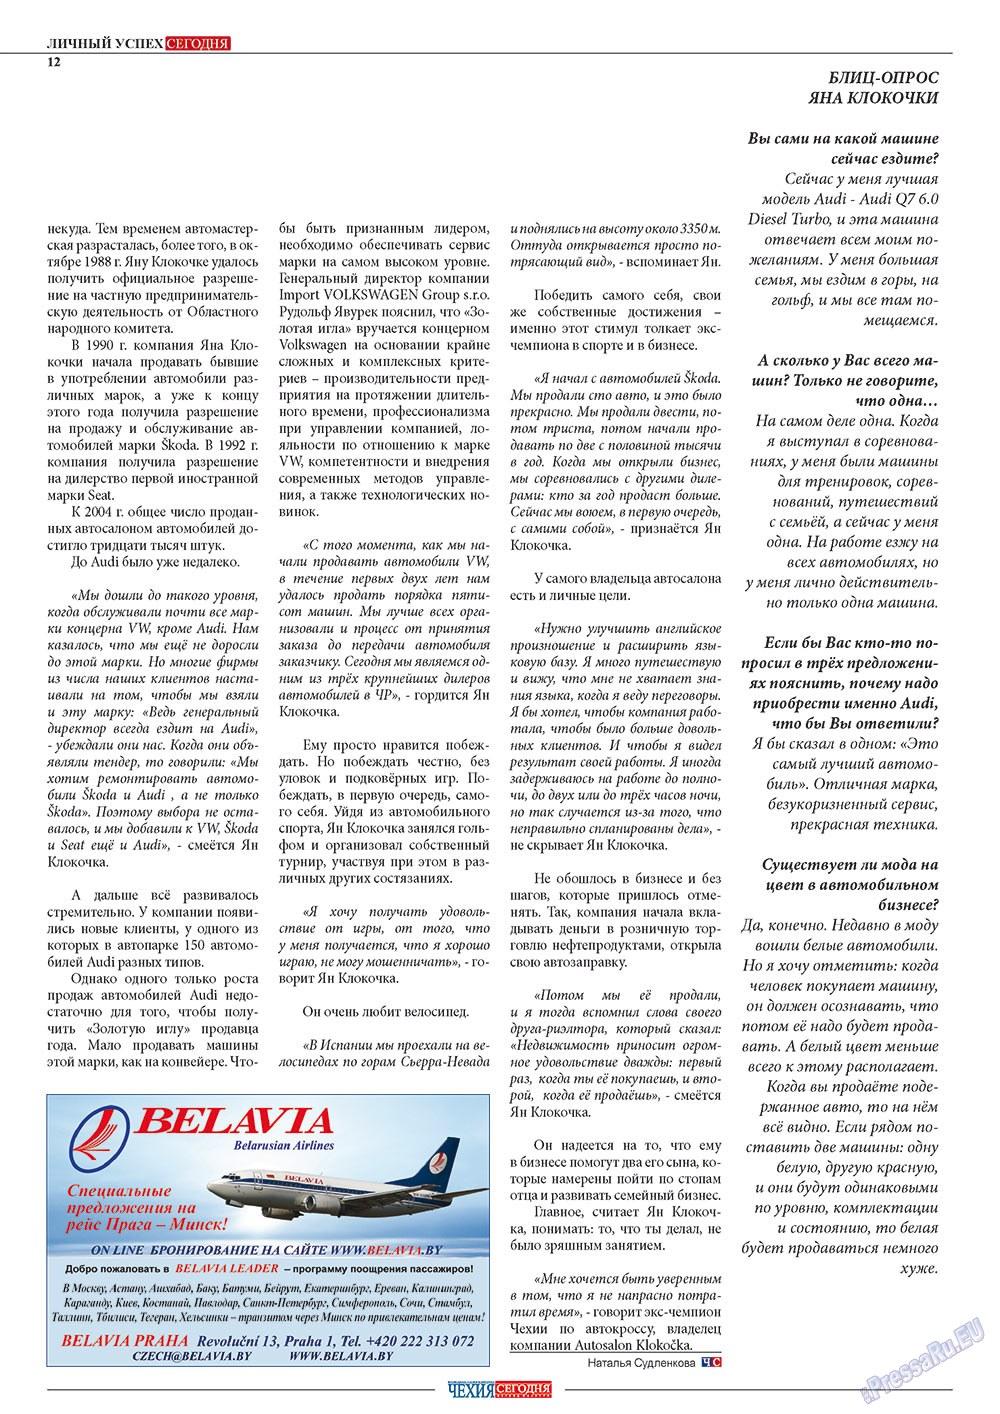 Чехия сегодня (журнал). 2012 год, номер 167, стр. 14